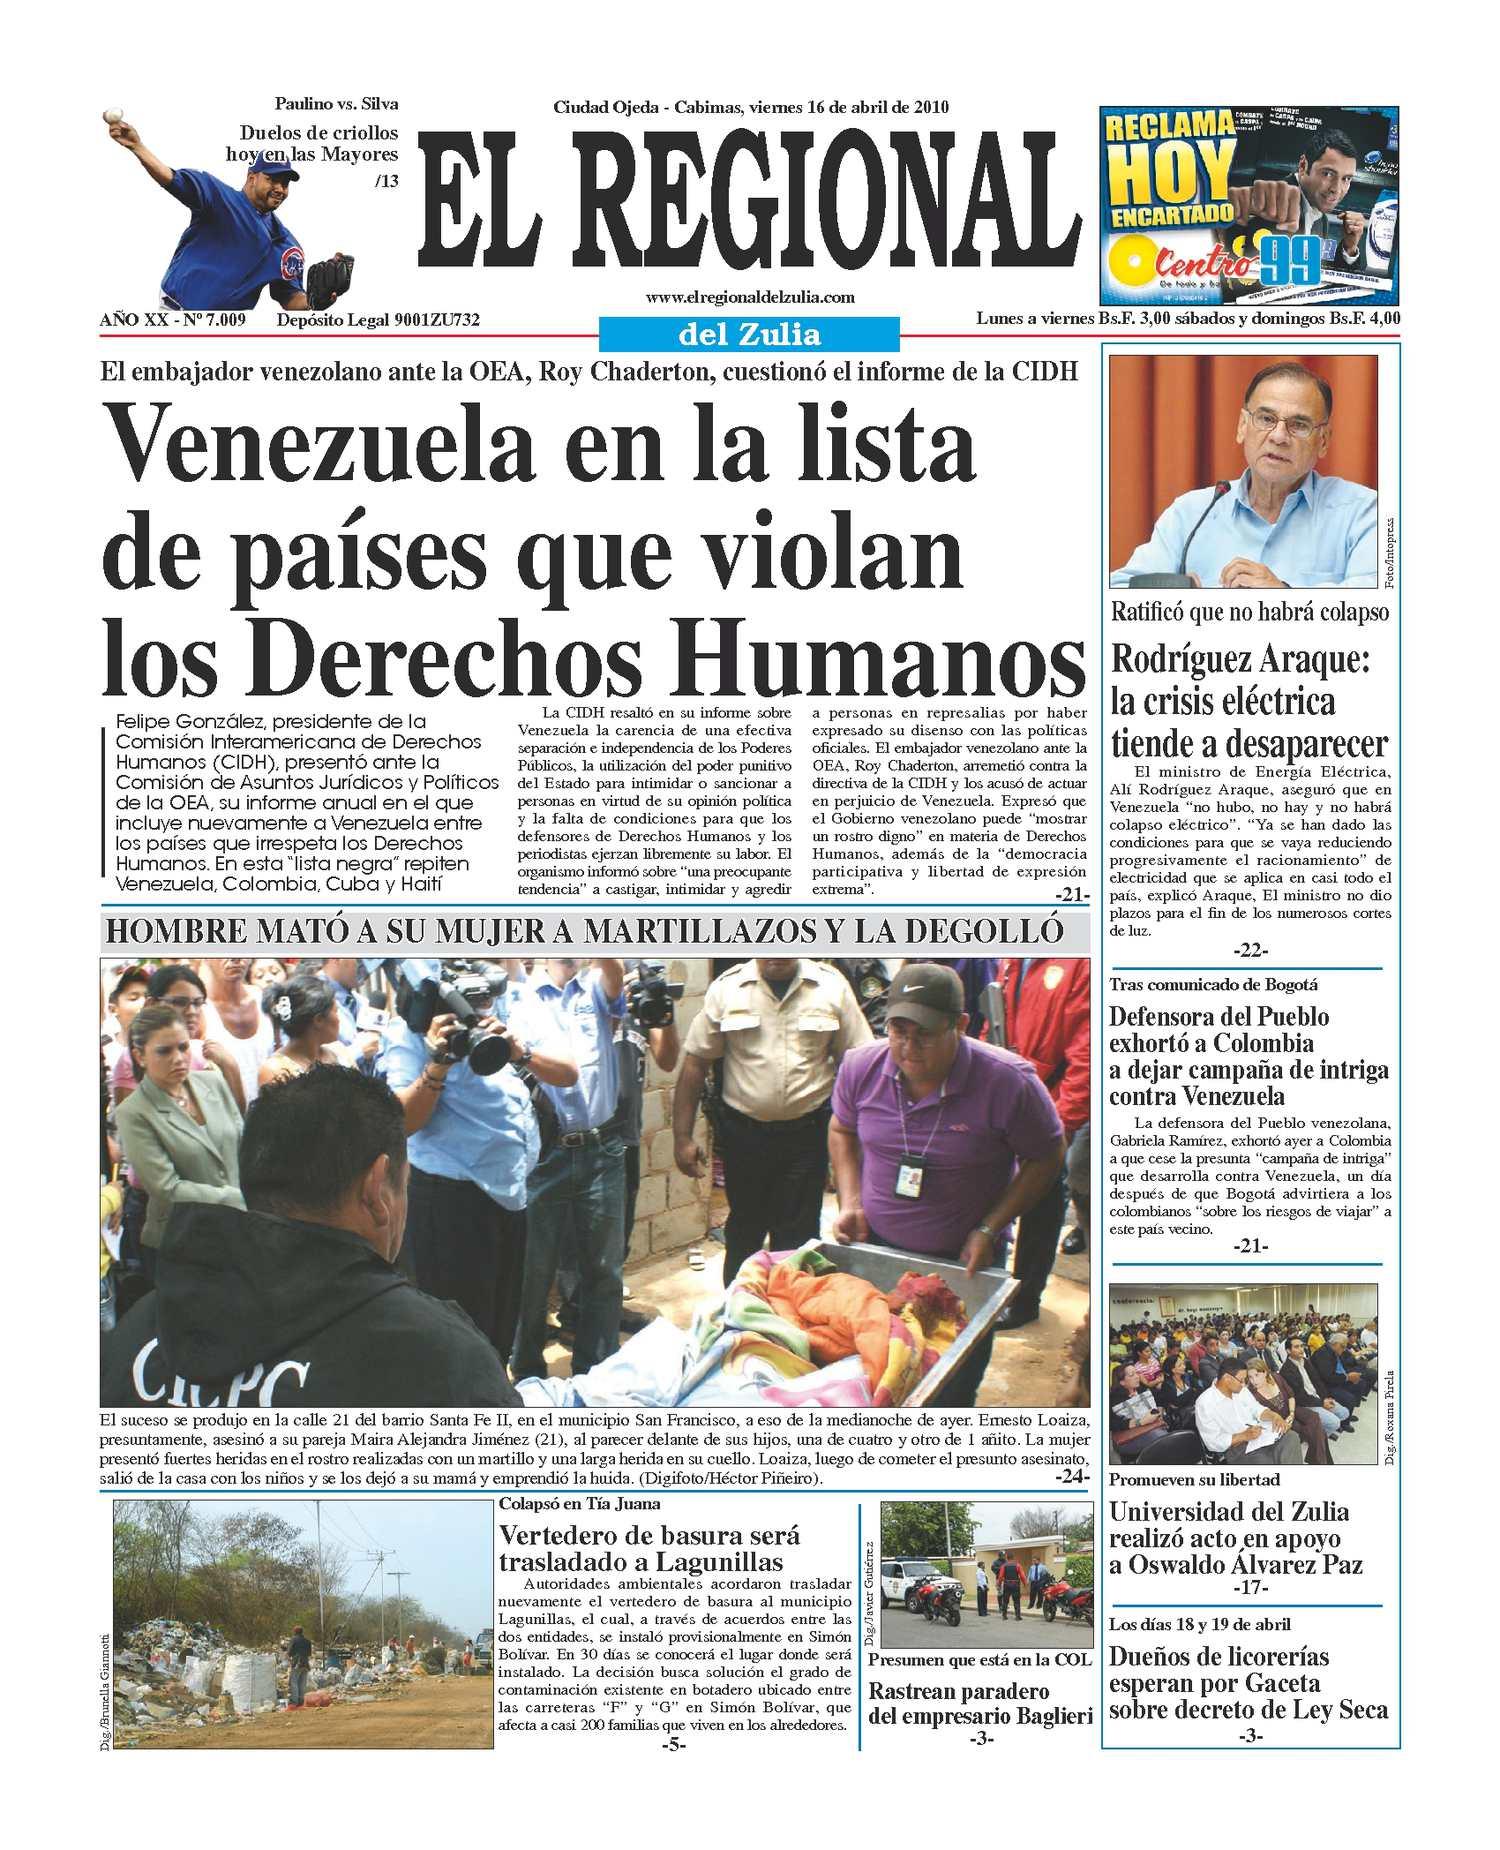 El Regional del Zulia 16-04-2010